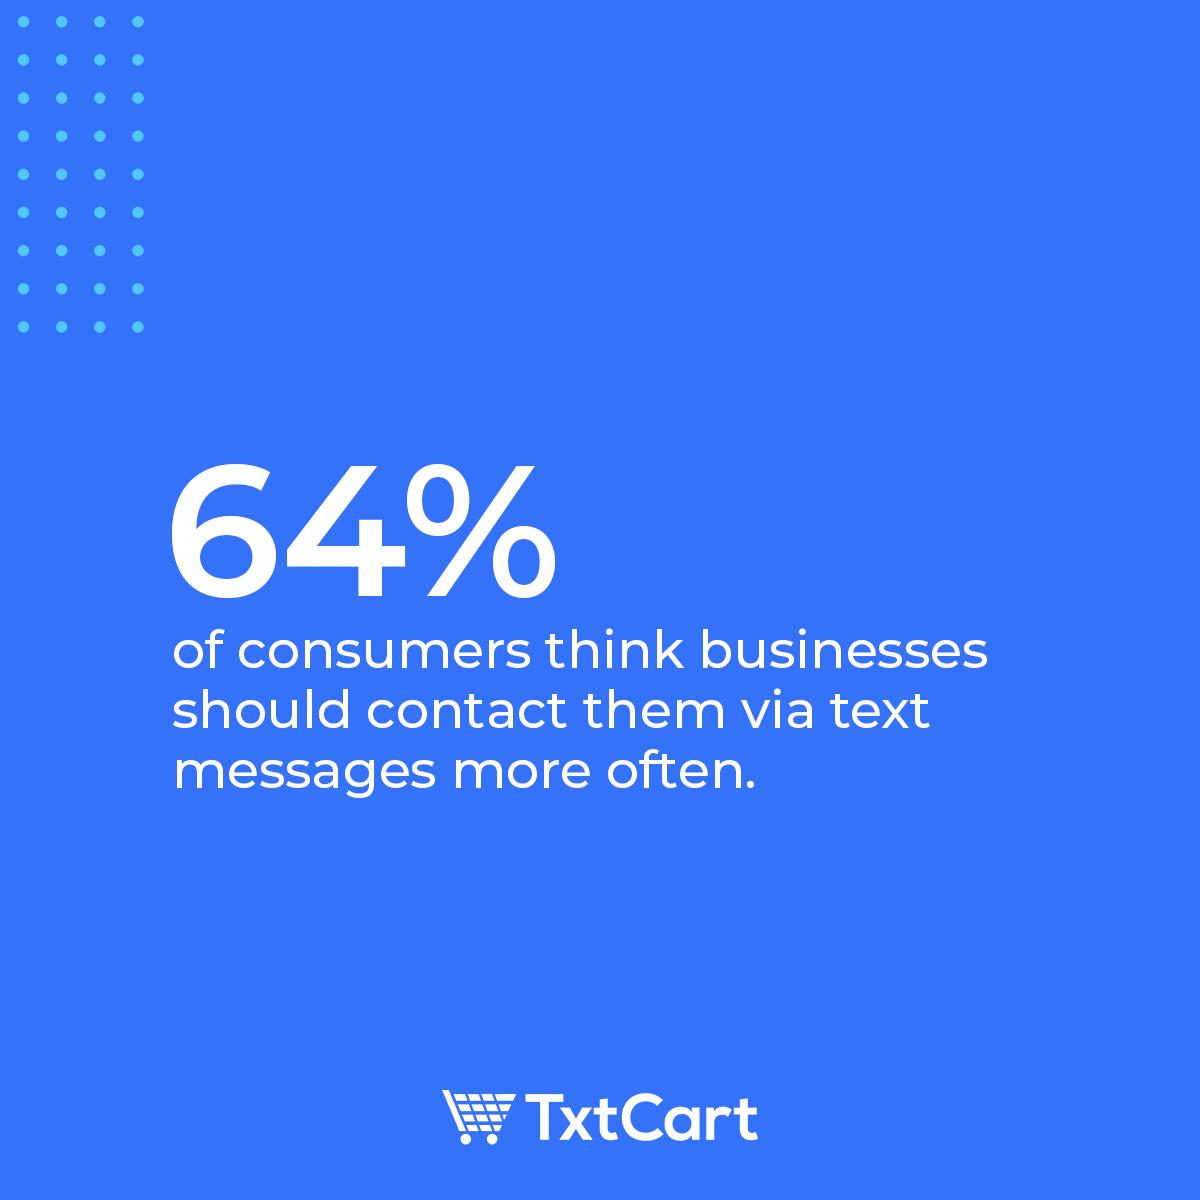 text marketing statistics